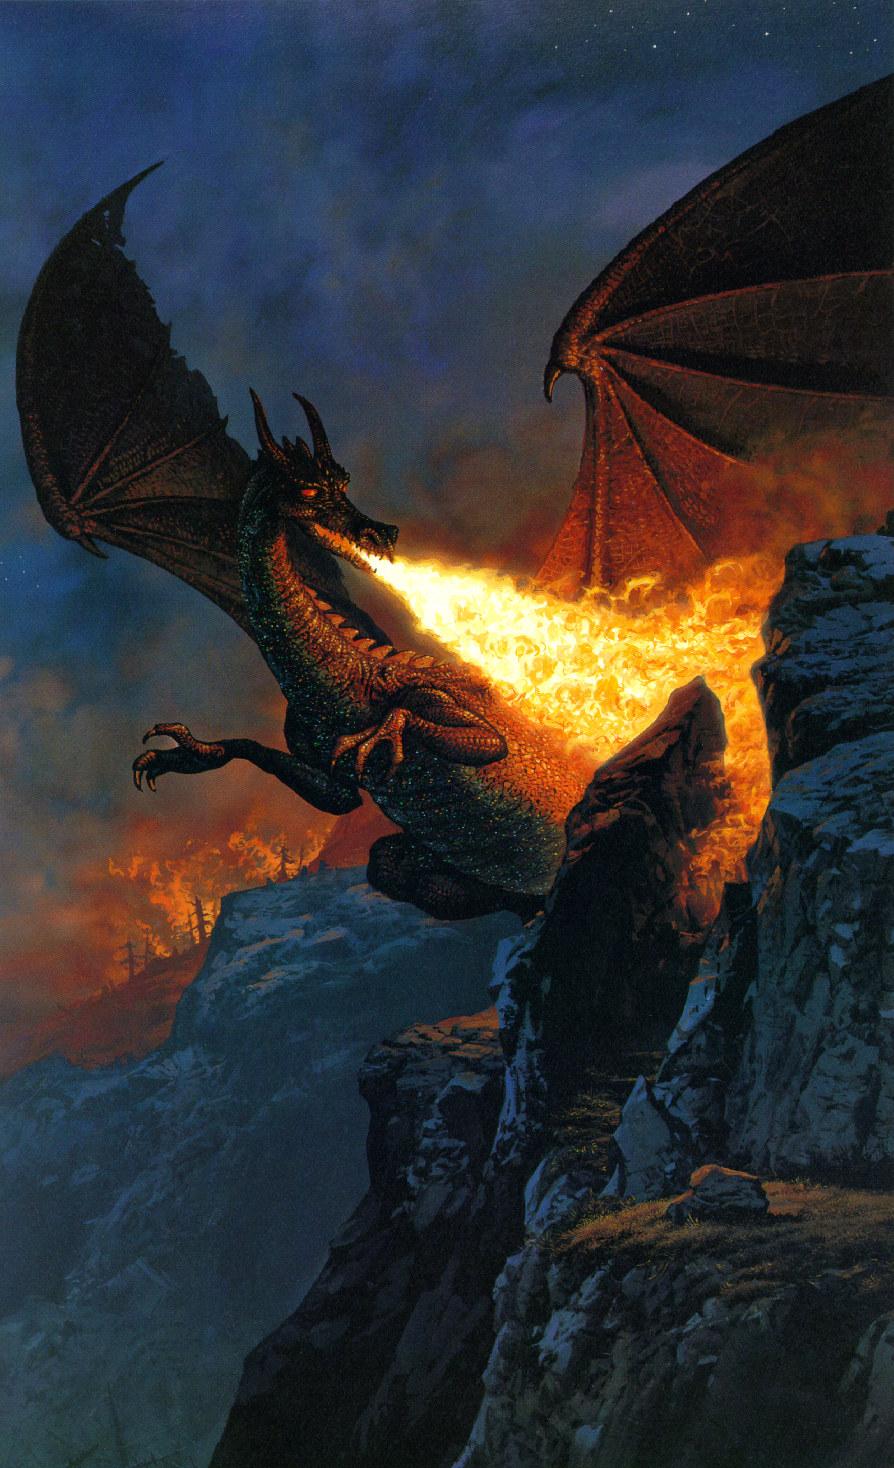 dragons lego